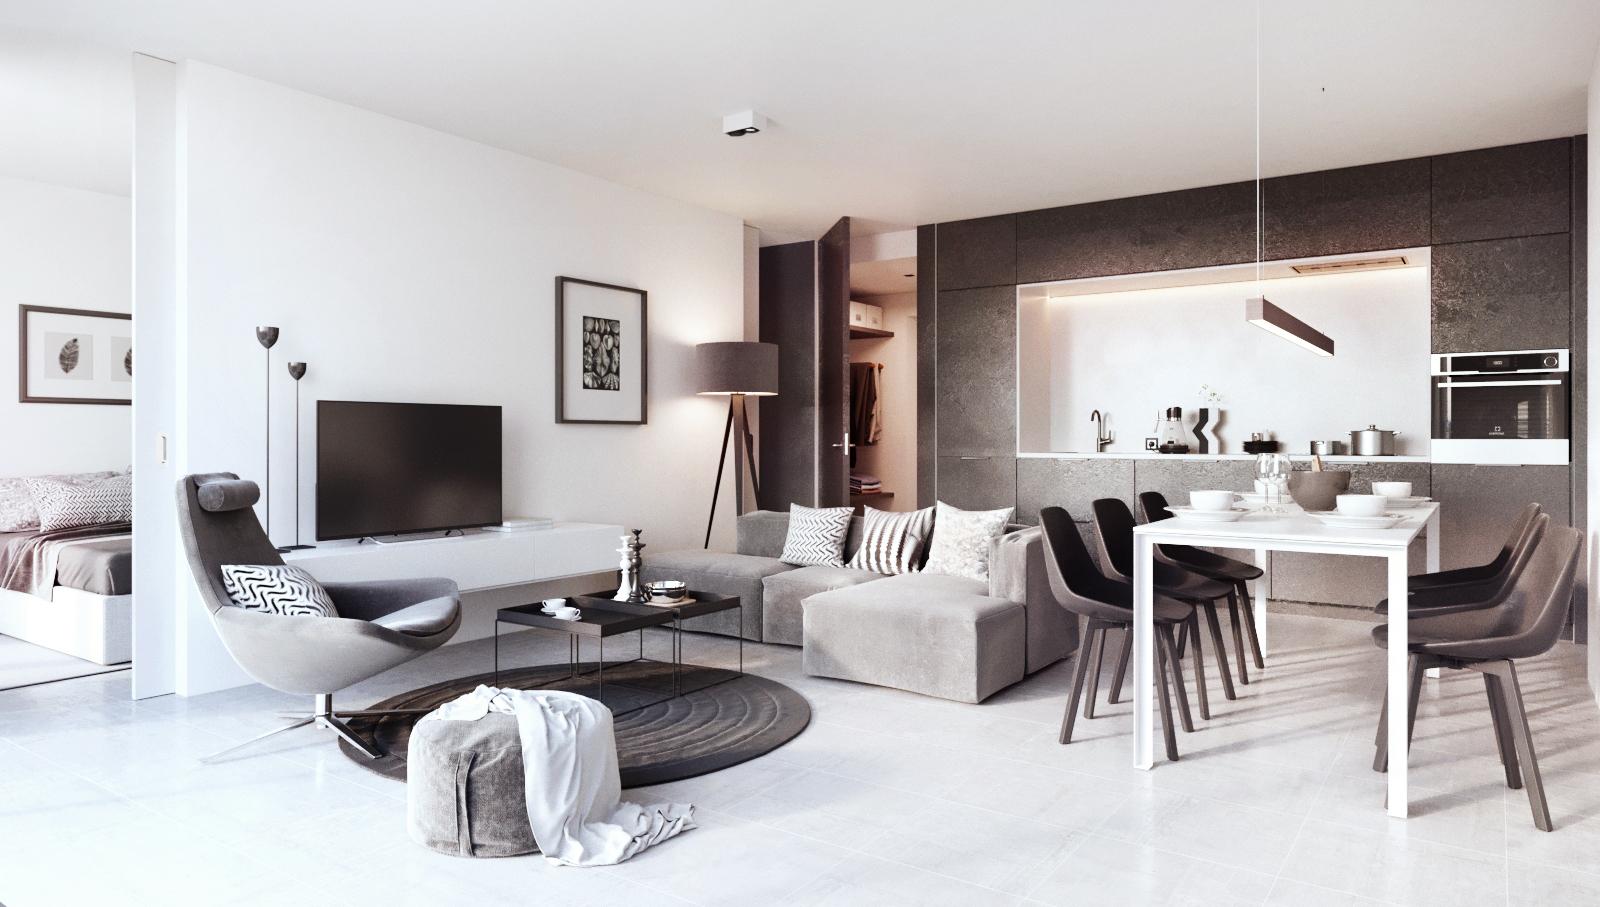 Makeme BLACK&WHITE HOUSE_cam1_ver1_pop